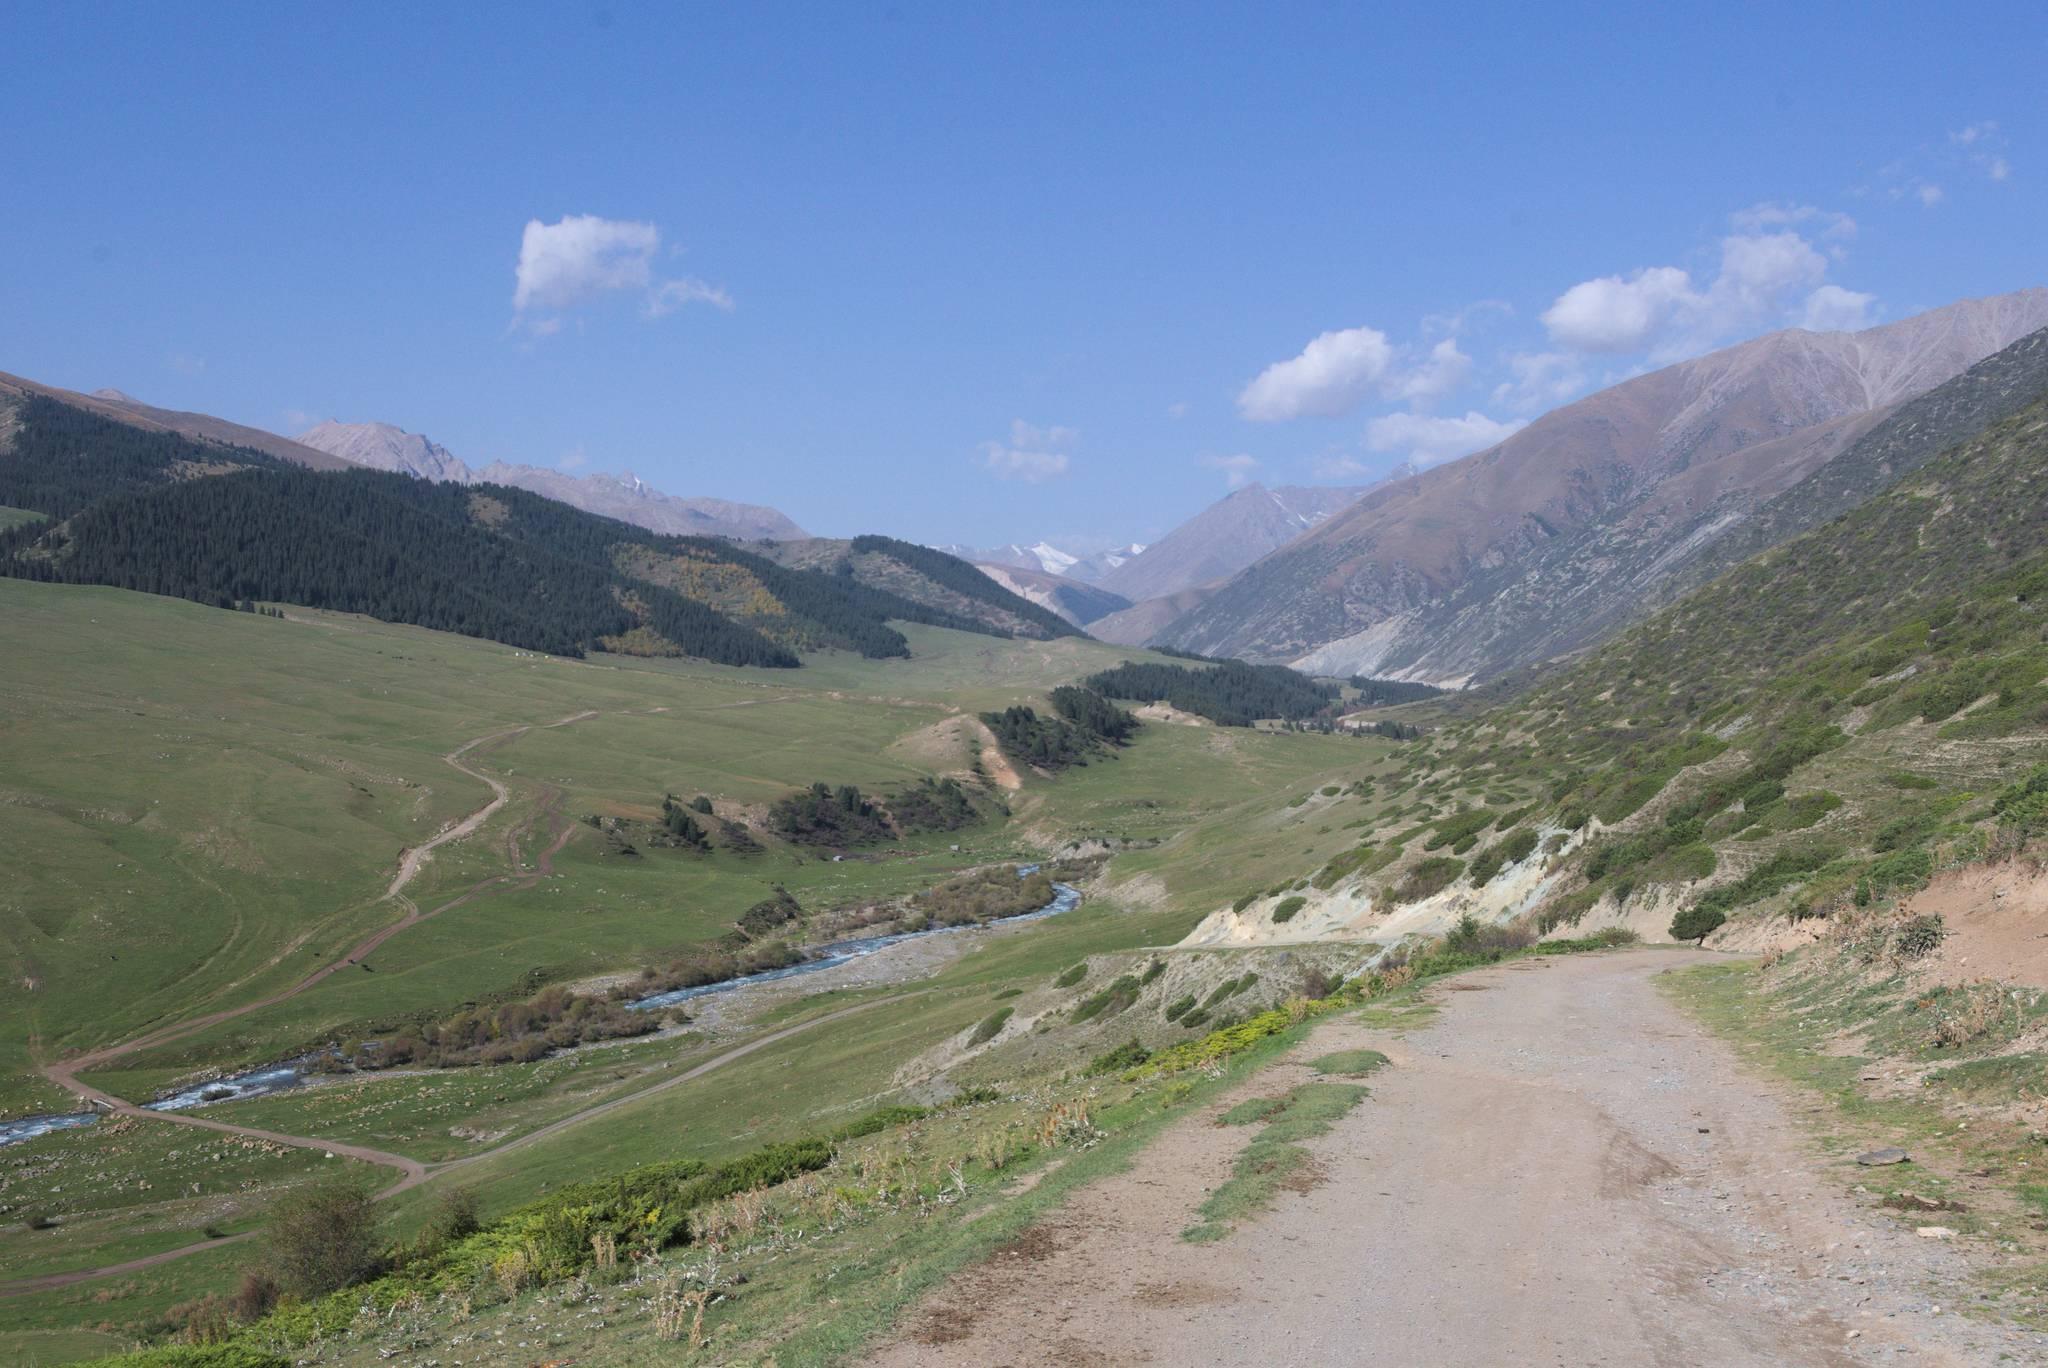 Przeskok przełęczą do drugiej dolinki. W górę się nie pchałem